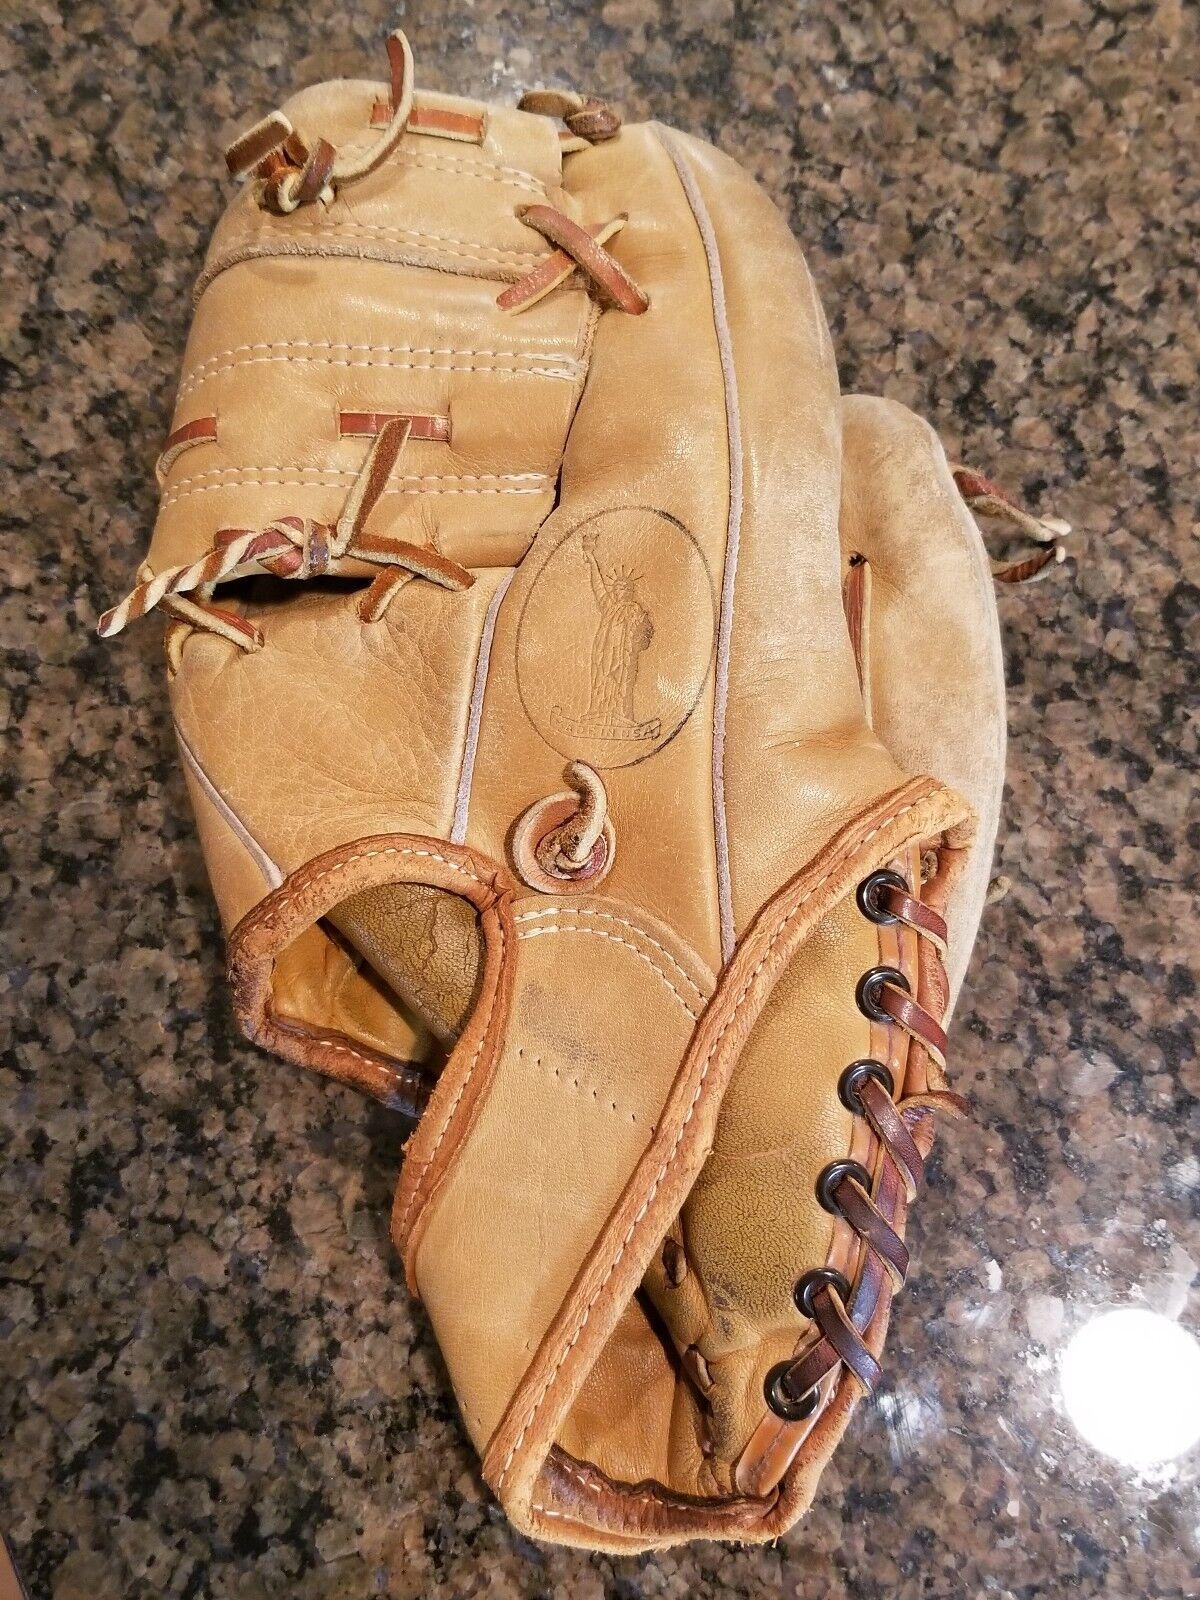 Vintage Jc Higgins Bob Clemente Lanzador De Mano Derecha Guante de béisbol